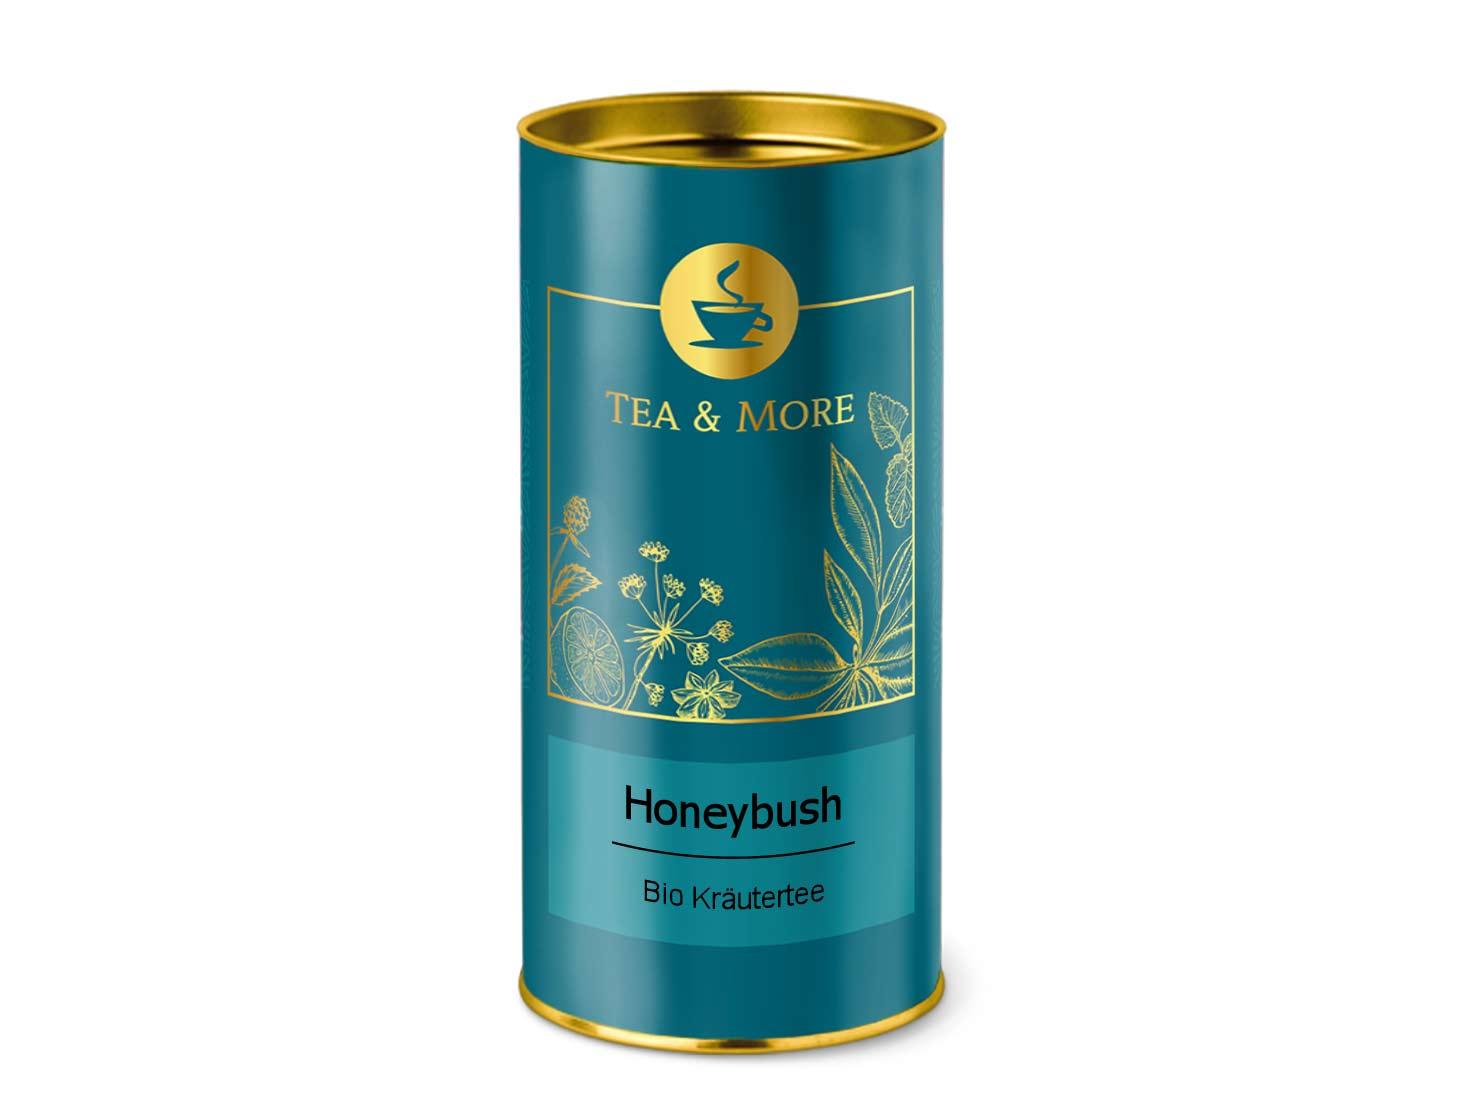 Honeybush (Bio)